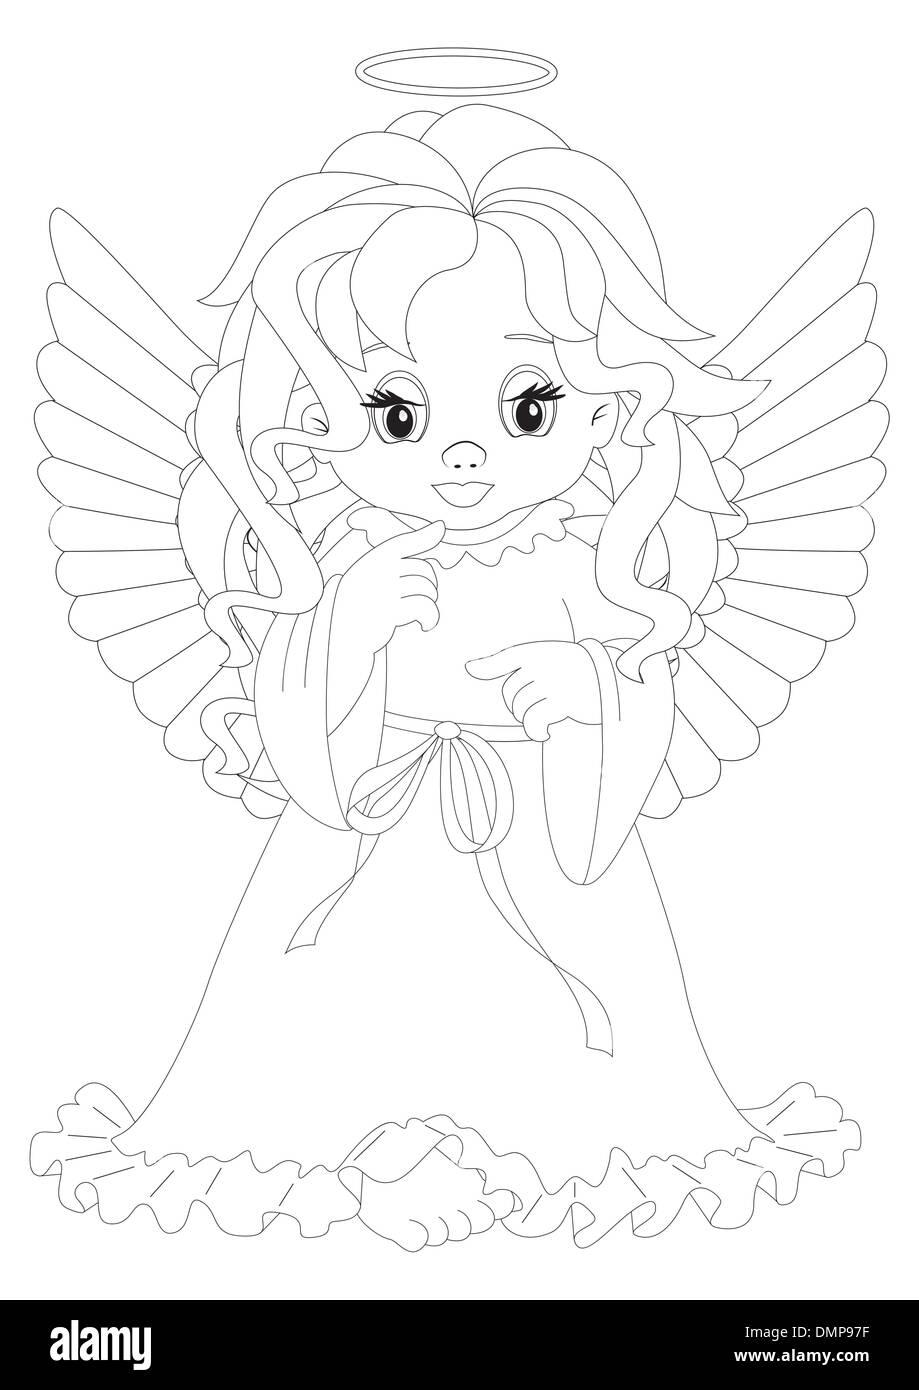 kleine Engel Malvorlagen Vektor Abbildung - Bild: 64414435 - Alamy